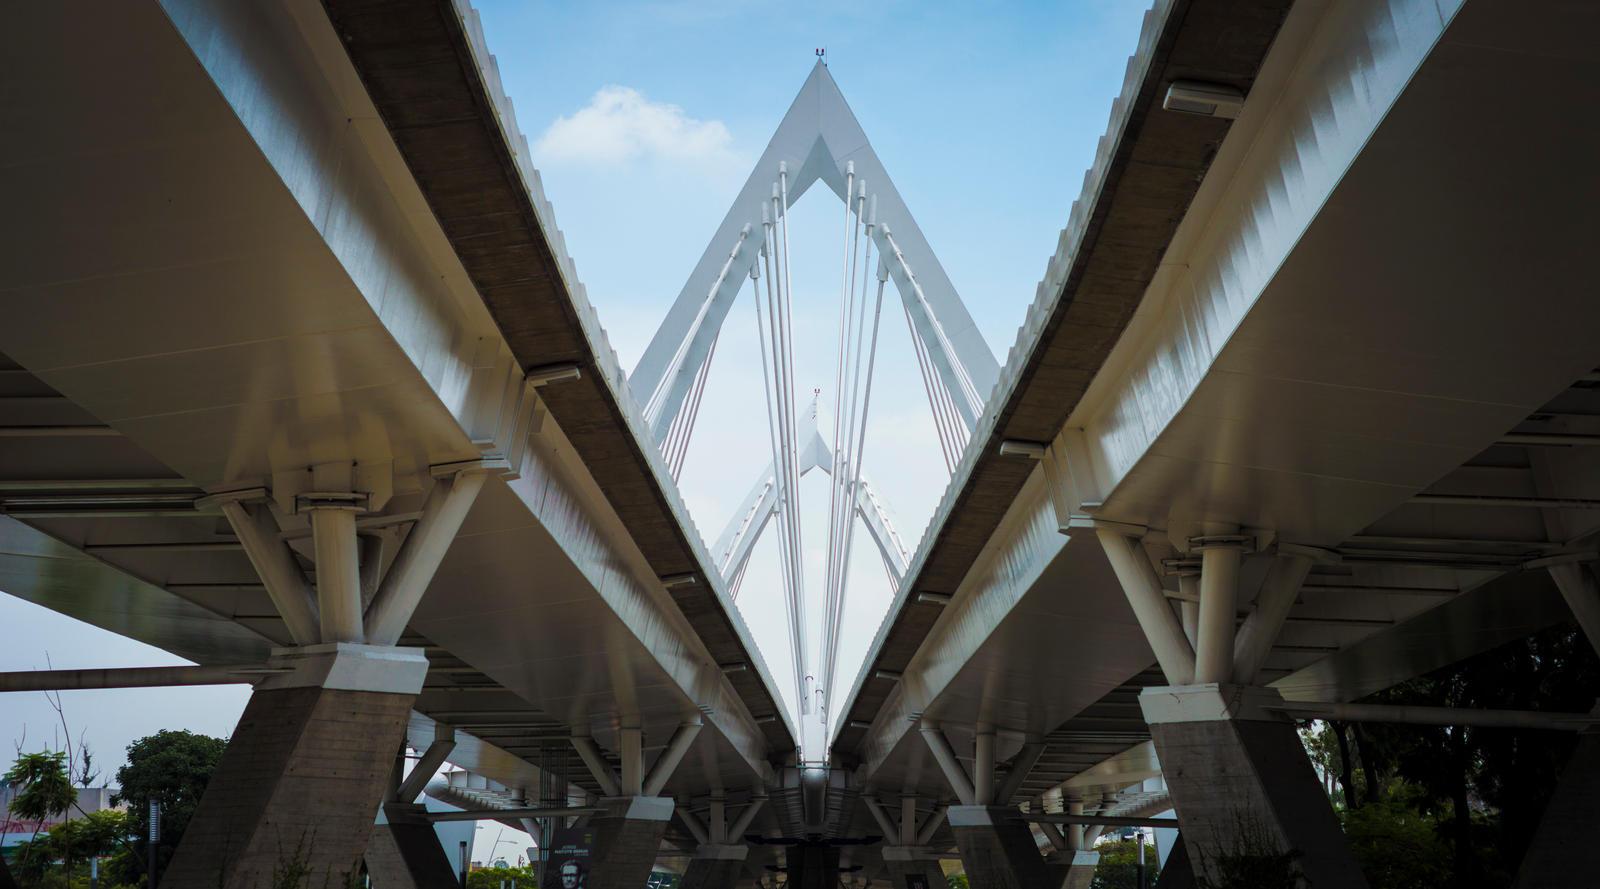 Bridge by paconavarro